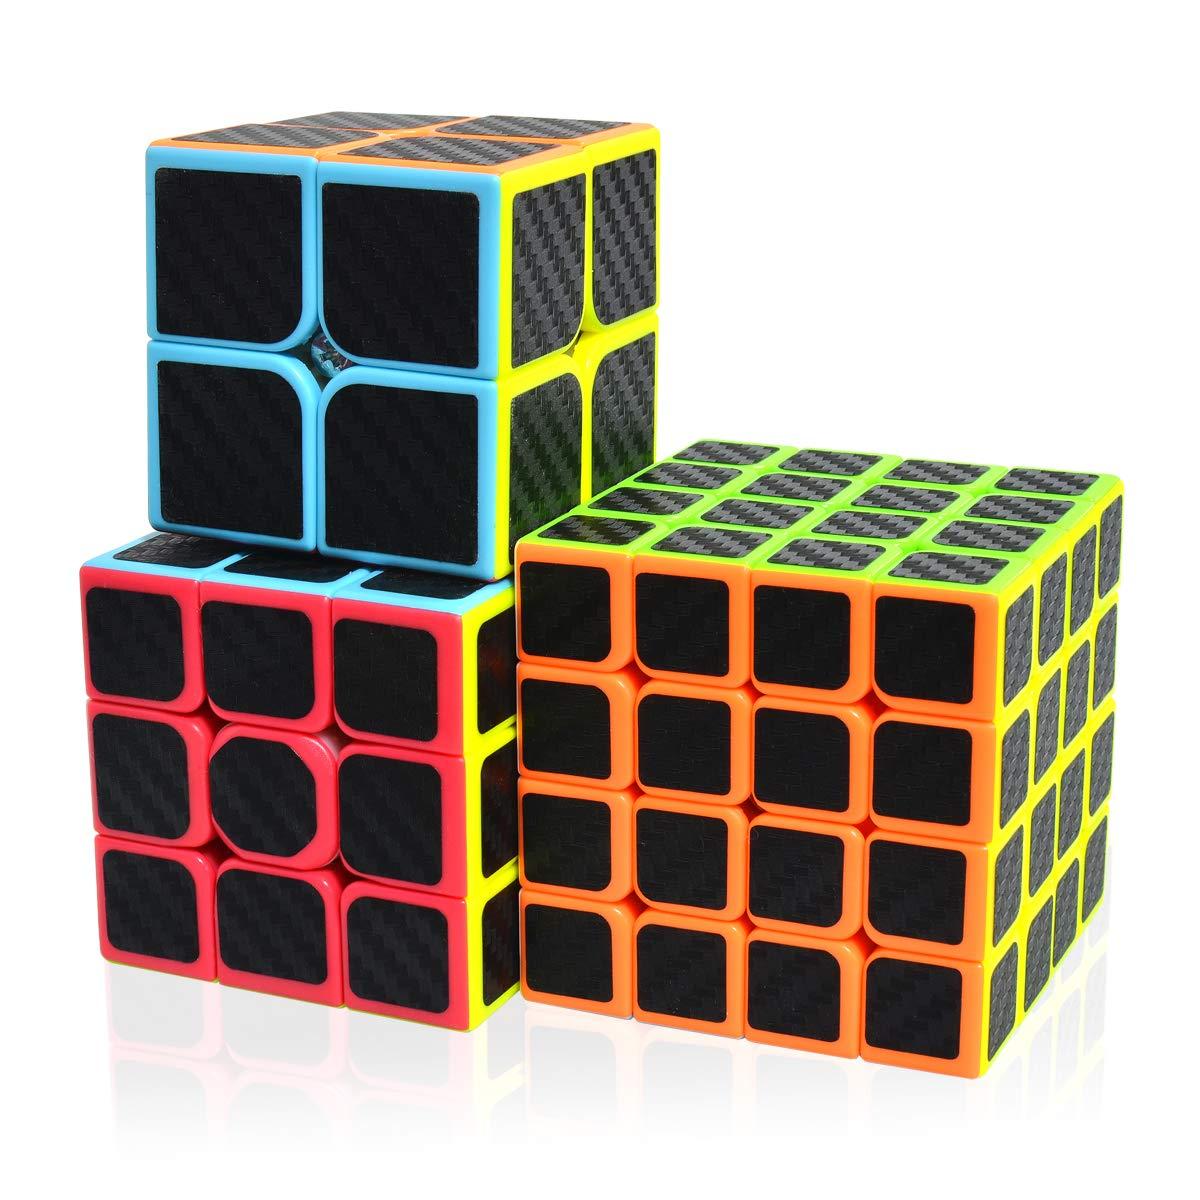 Maomaoyu Cubo Magico Pack, Speed Cube 3x3+2x2+4x4, Cubo de la ...